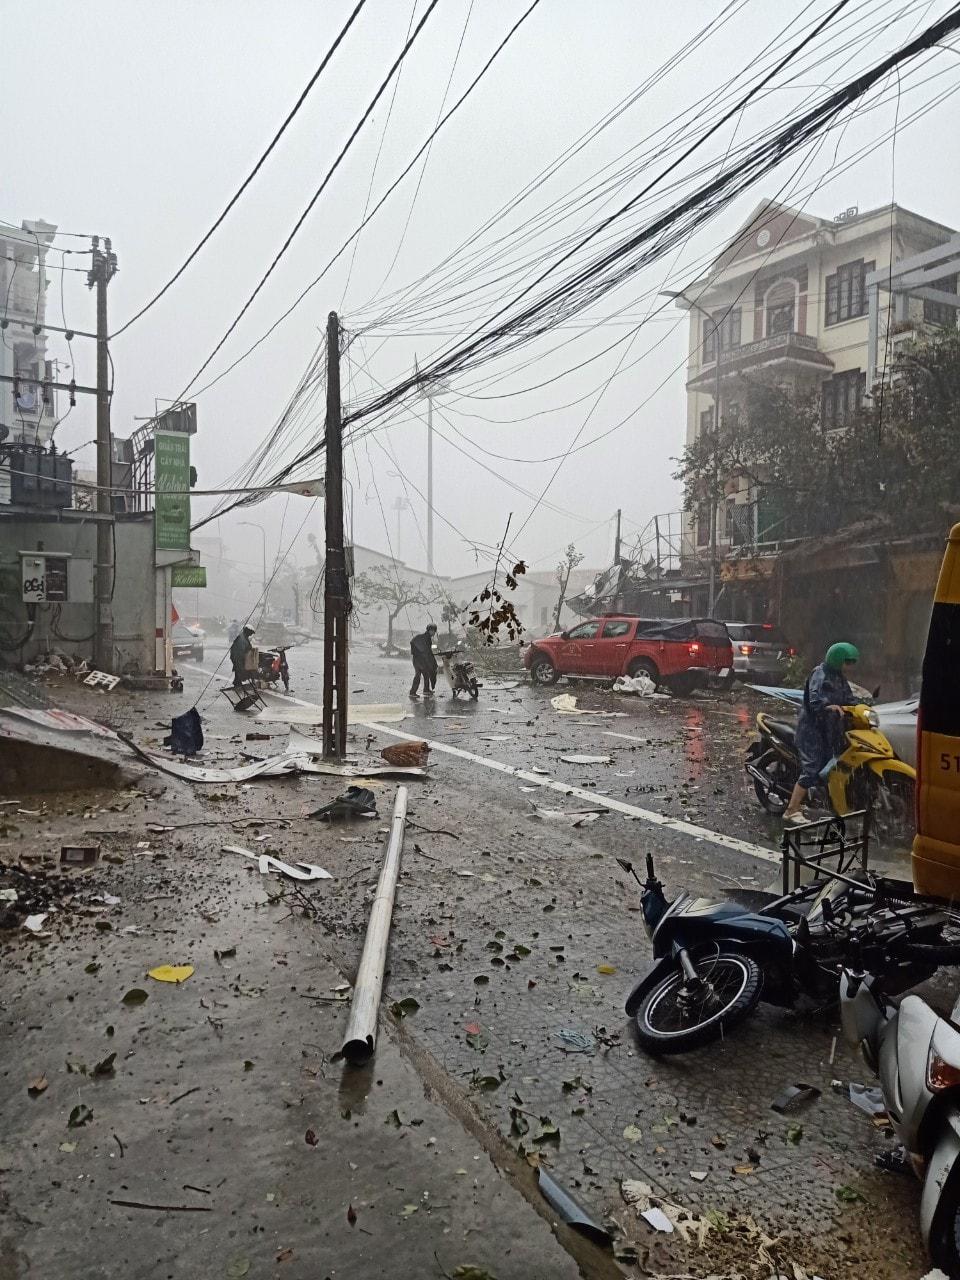 Clip: Bão số 5 đổ bộ, gió giật kinh hoàng khiến cây cối gãy la liệt trên đường, nhiều nhà dân tốc mái ở Thừa Thiên - Huế - Ảnh 1